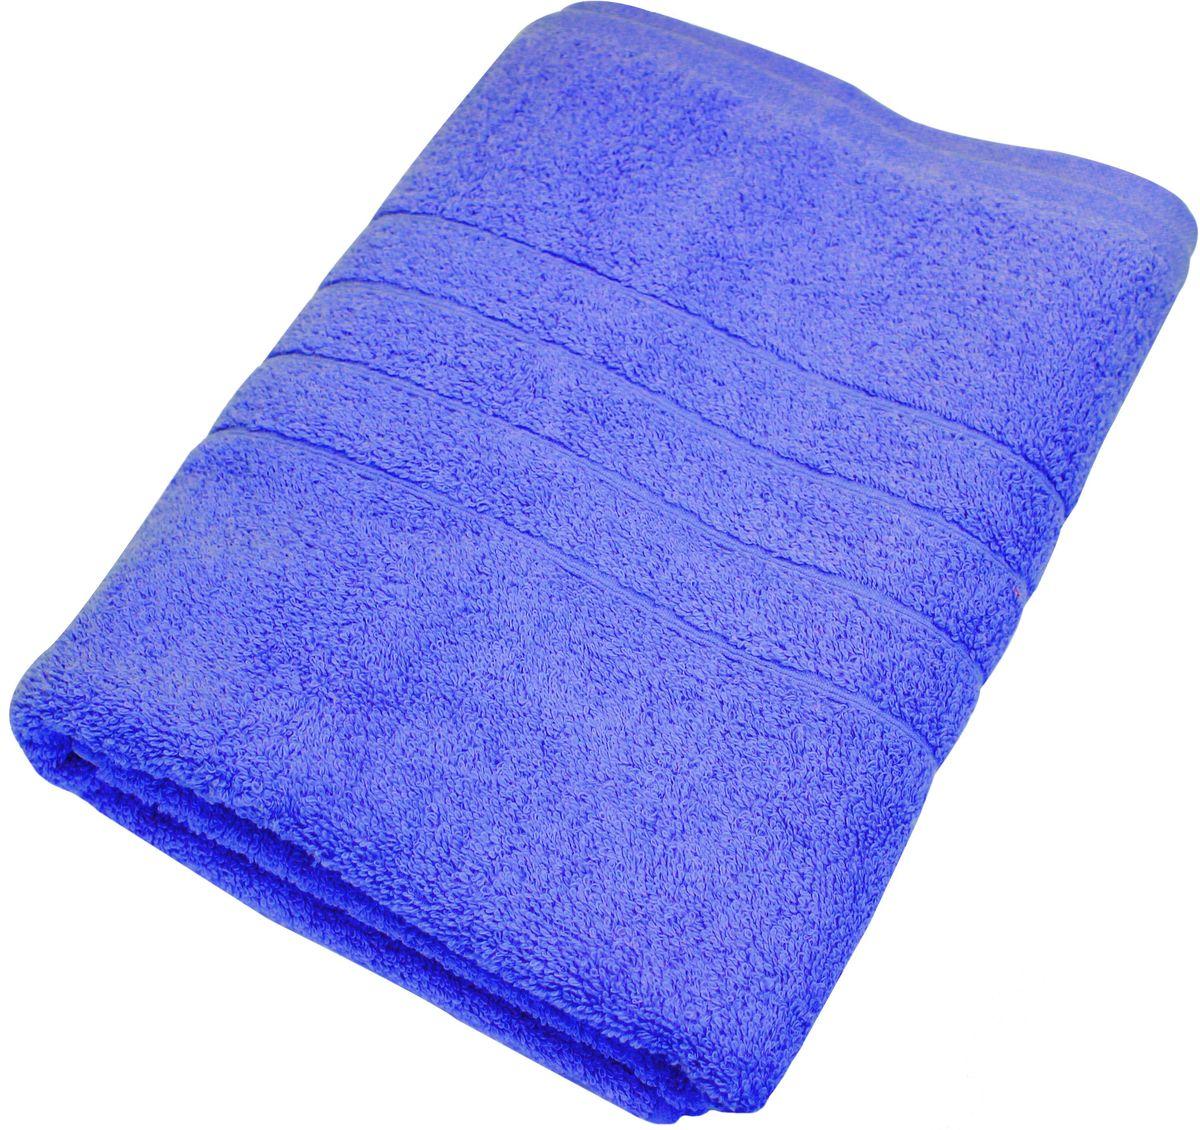 Полотенце Proffi Home Модерн, цвет: синий, 70 x 140 смPH3275Мягкое махровое полотенцеProffi Home Модерн отлично впитывает влагу и быстро сохнет, приятно в него завернуться после принятия ванны или посещения сауны. Поэтому данное махровое полотенце можно использовать в качестве душевого, банного или пляжного полотенца.Состав: 100% хлопок.